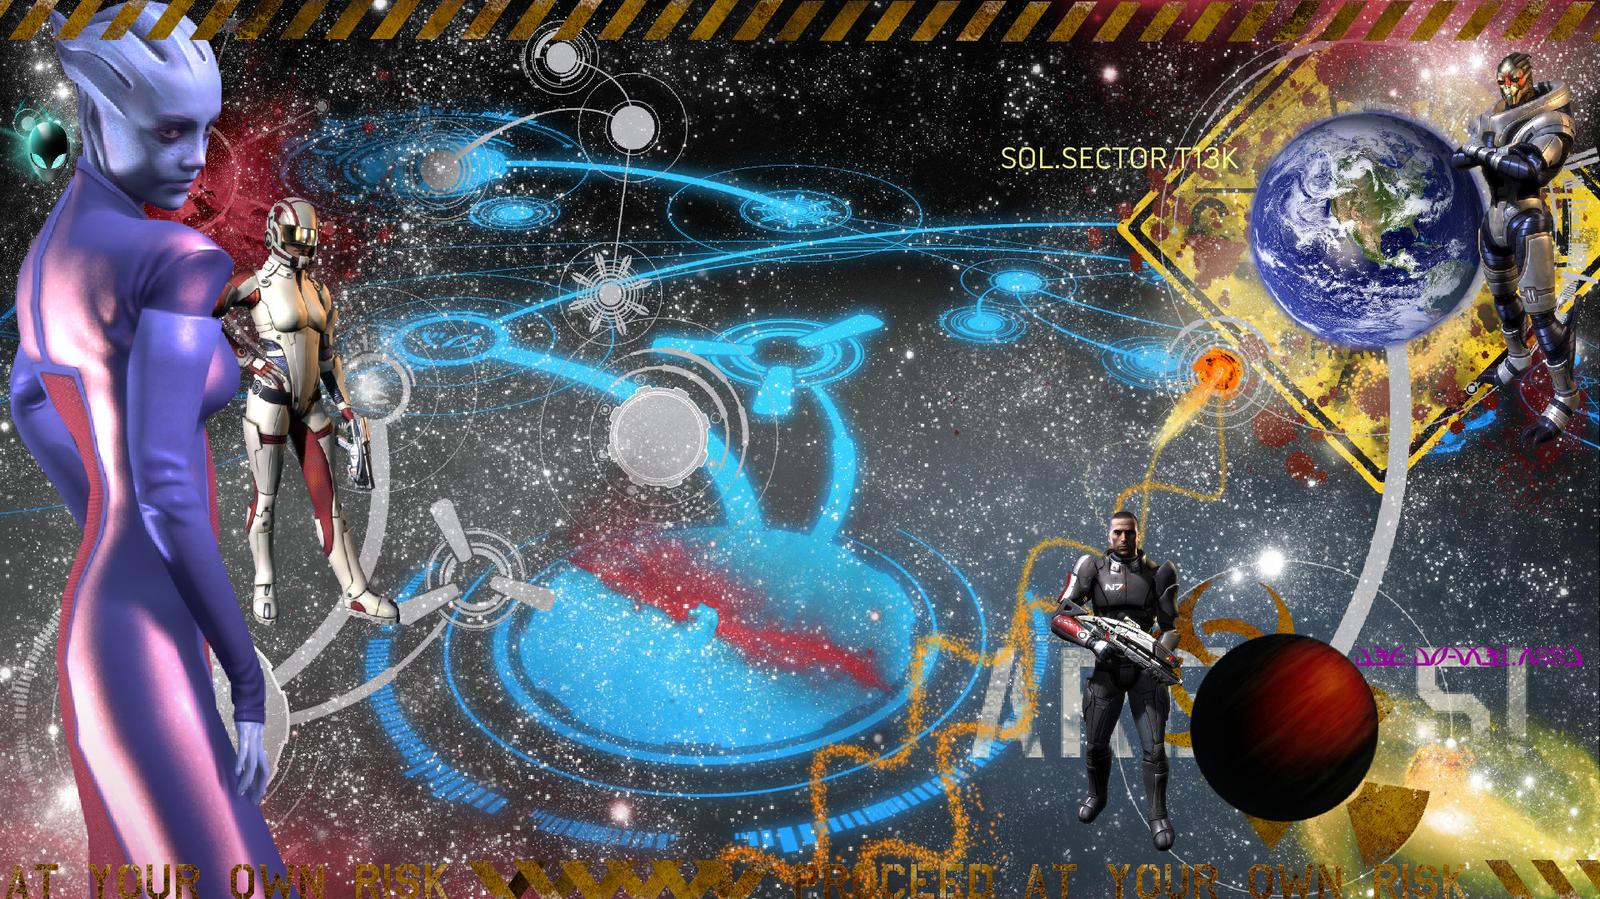 mass_effect_iii__alienware_by_2p1k3-d3j0exo.jpg